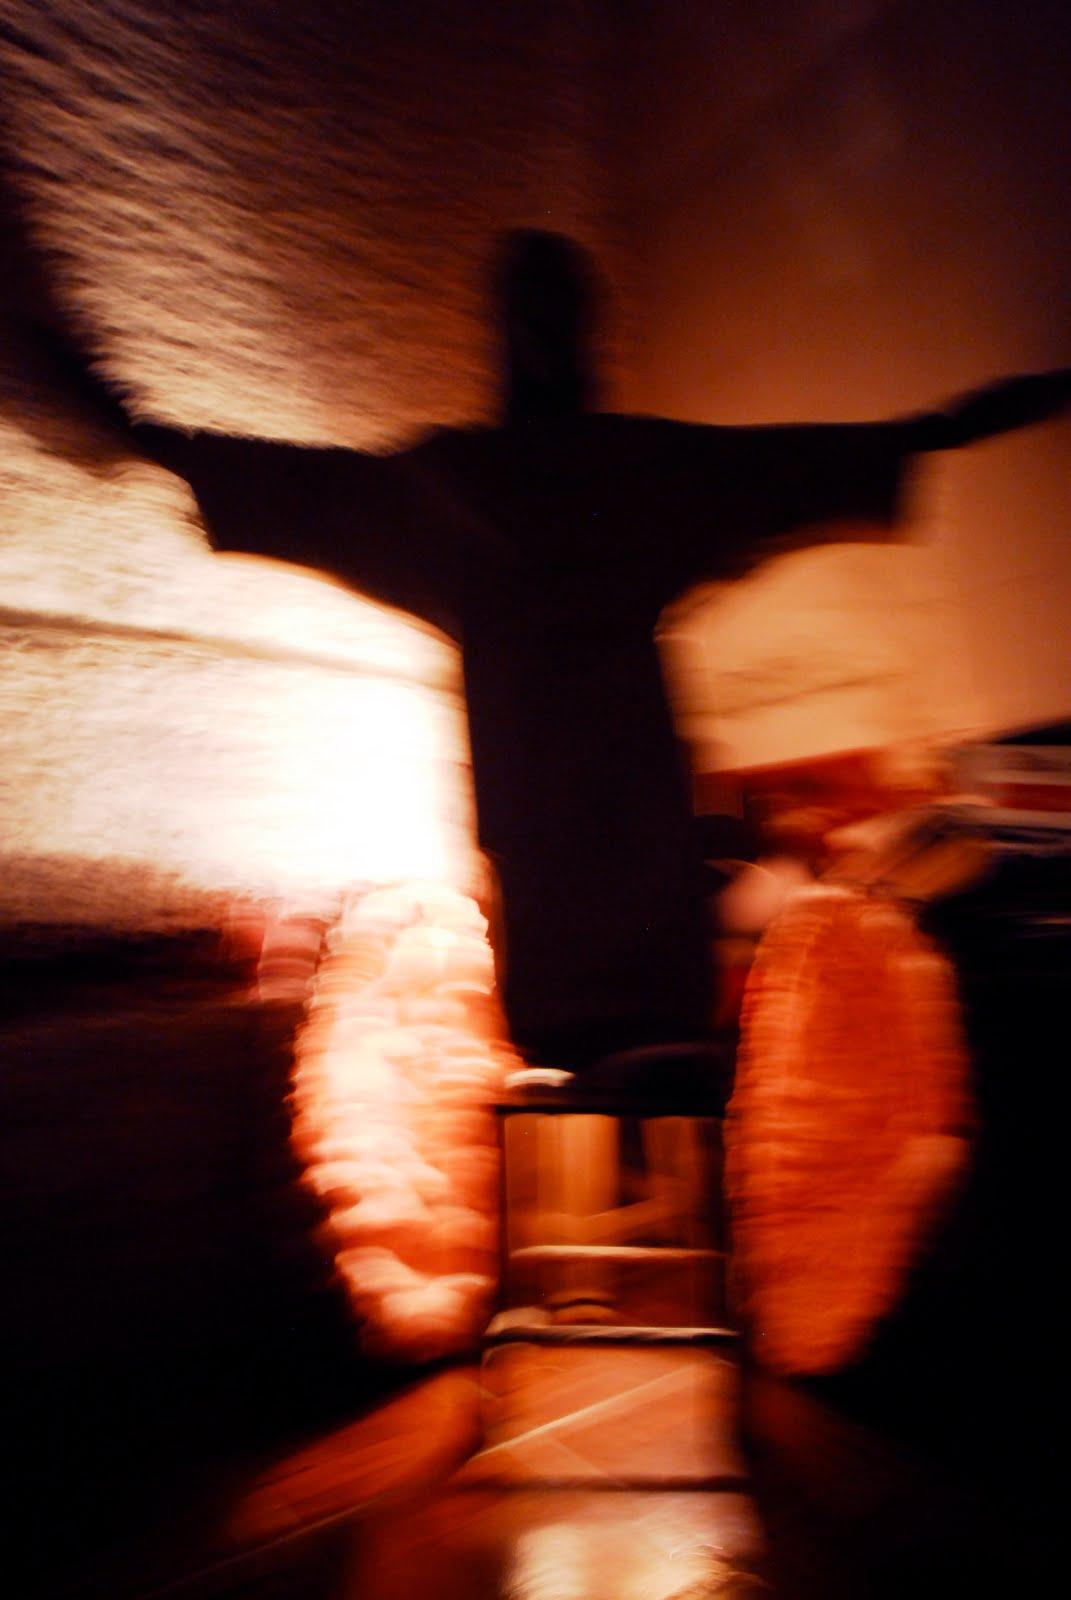 Cristo parado